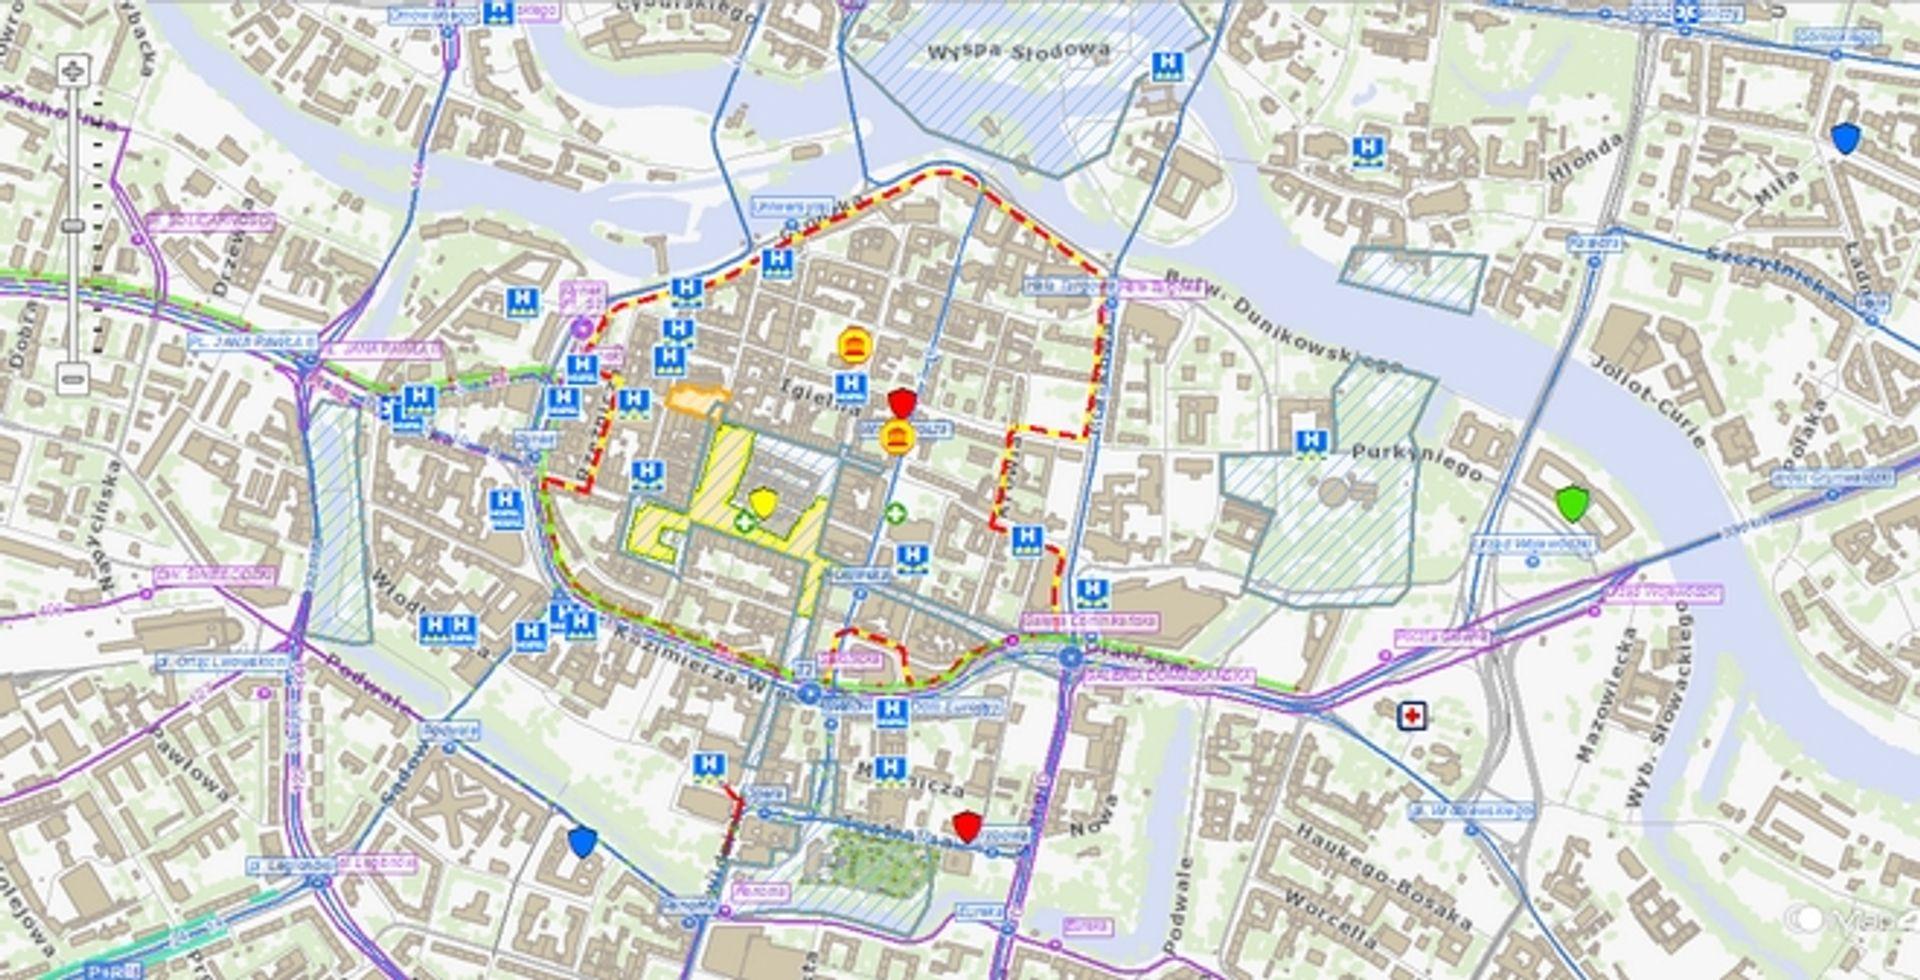 [Wrocław] Euro 2012: kibice najważniejsze miejsca znajdą na internetowej mapie